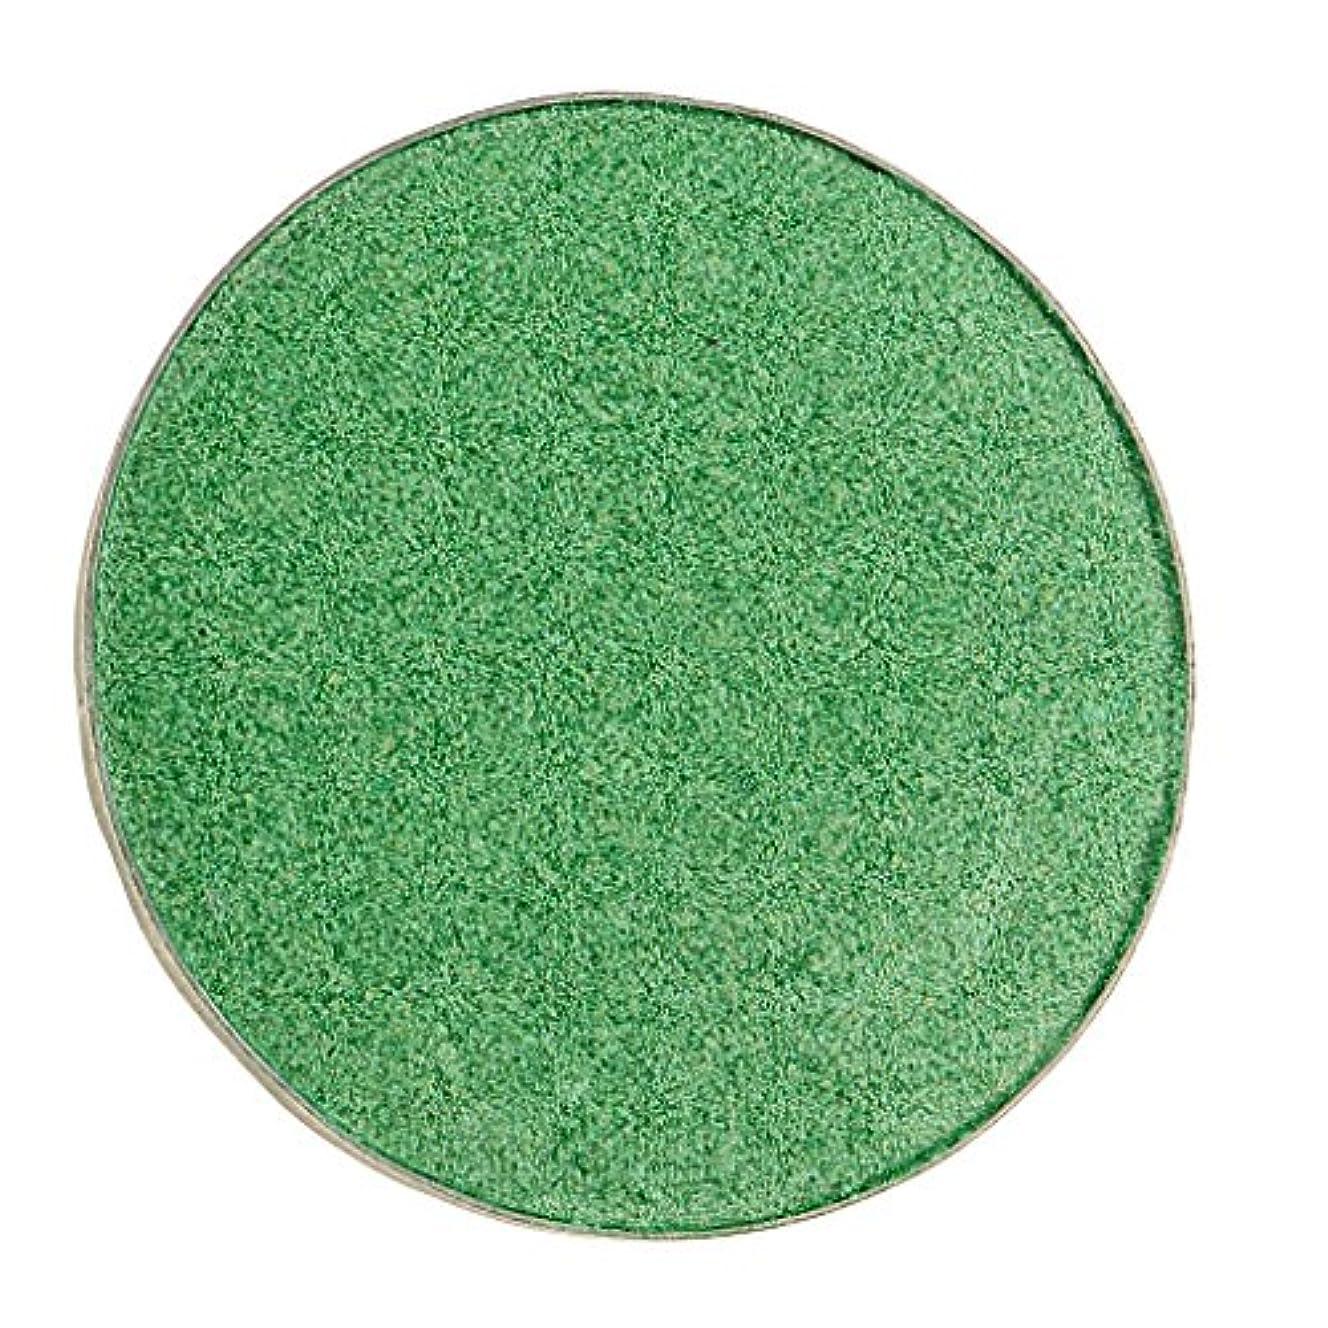 Baosity 化粧品用 アイシャドウ ハイライター パレット マット シマー アイシャドーメイク 目 魅力的 全5色 - #38グリーン